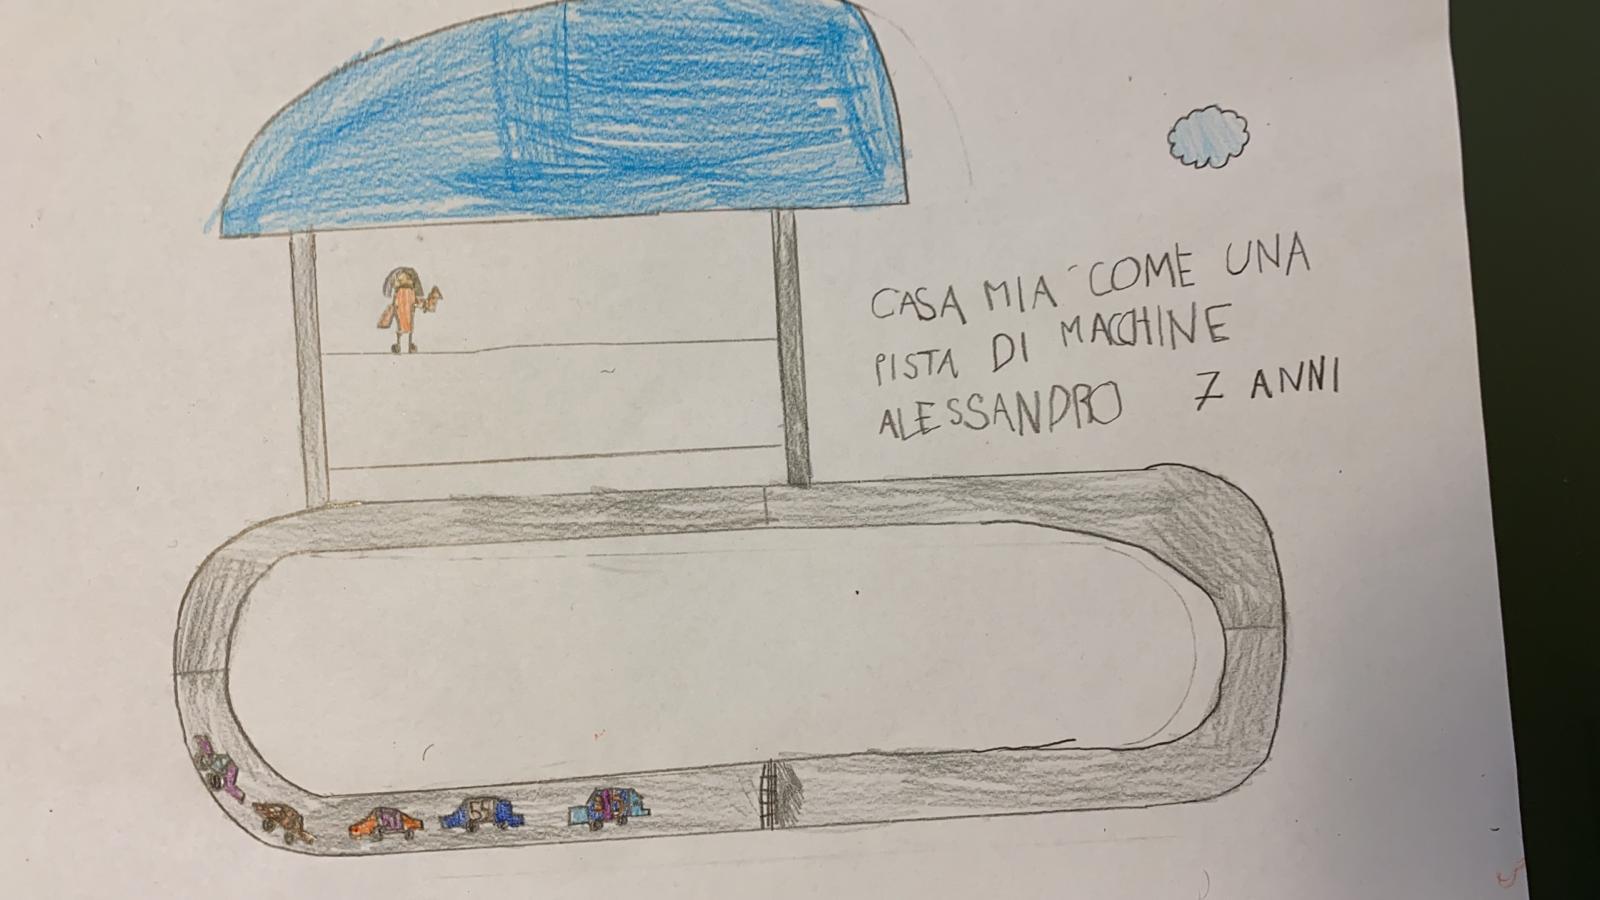 La mia casa è una pista di macchine - Alessandro - 7 anni